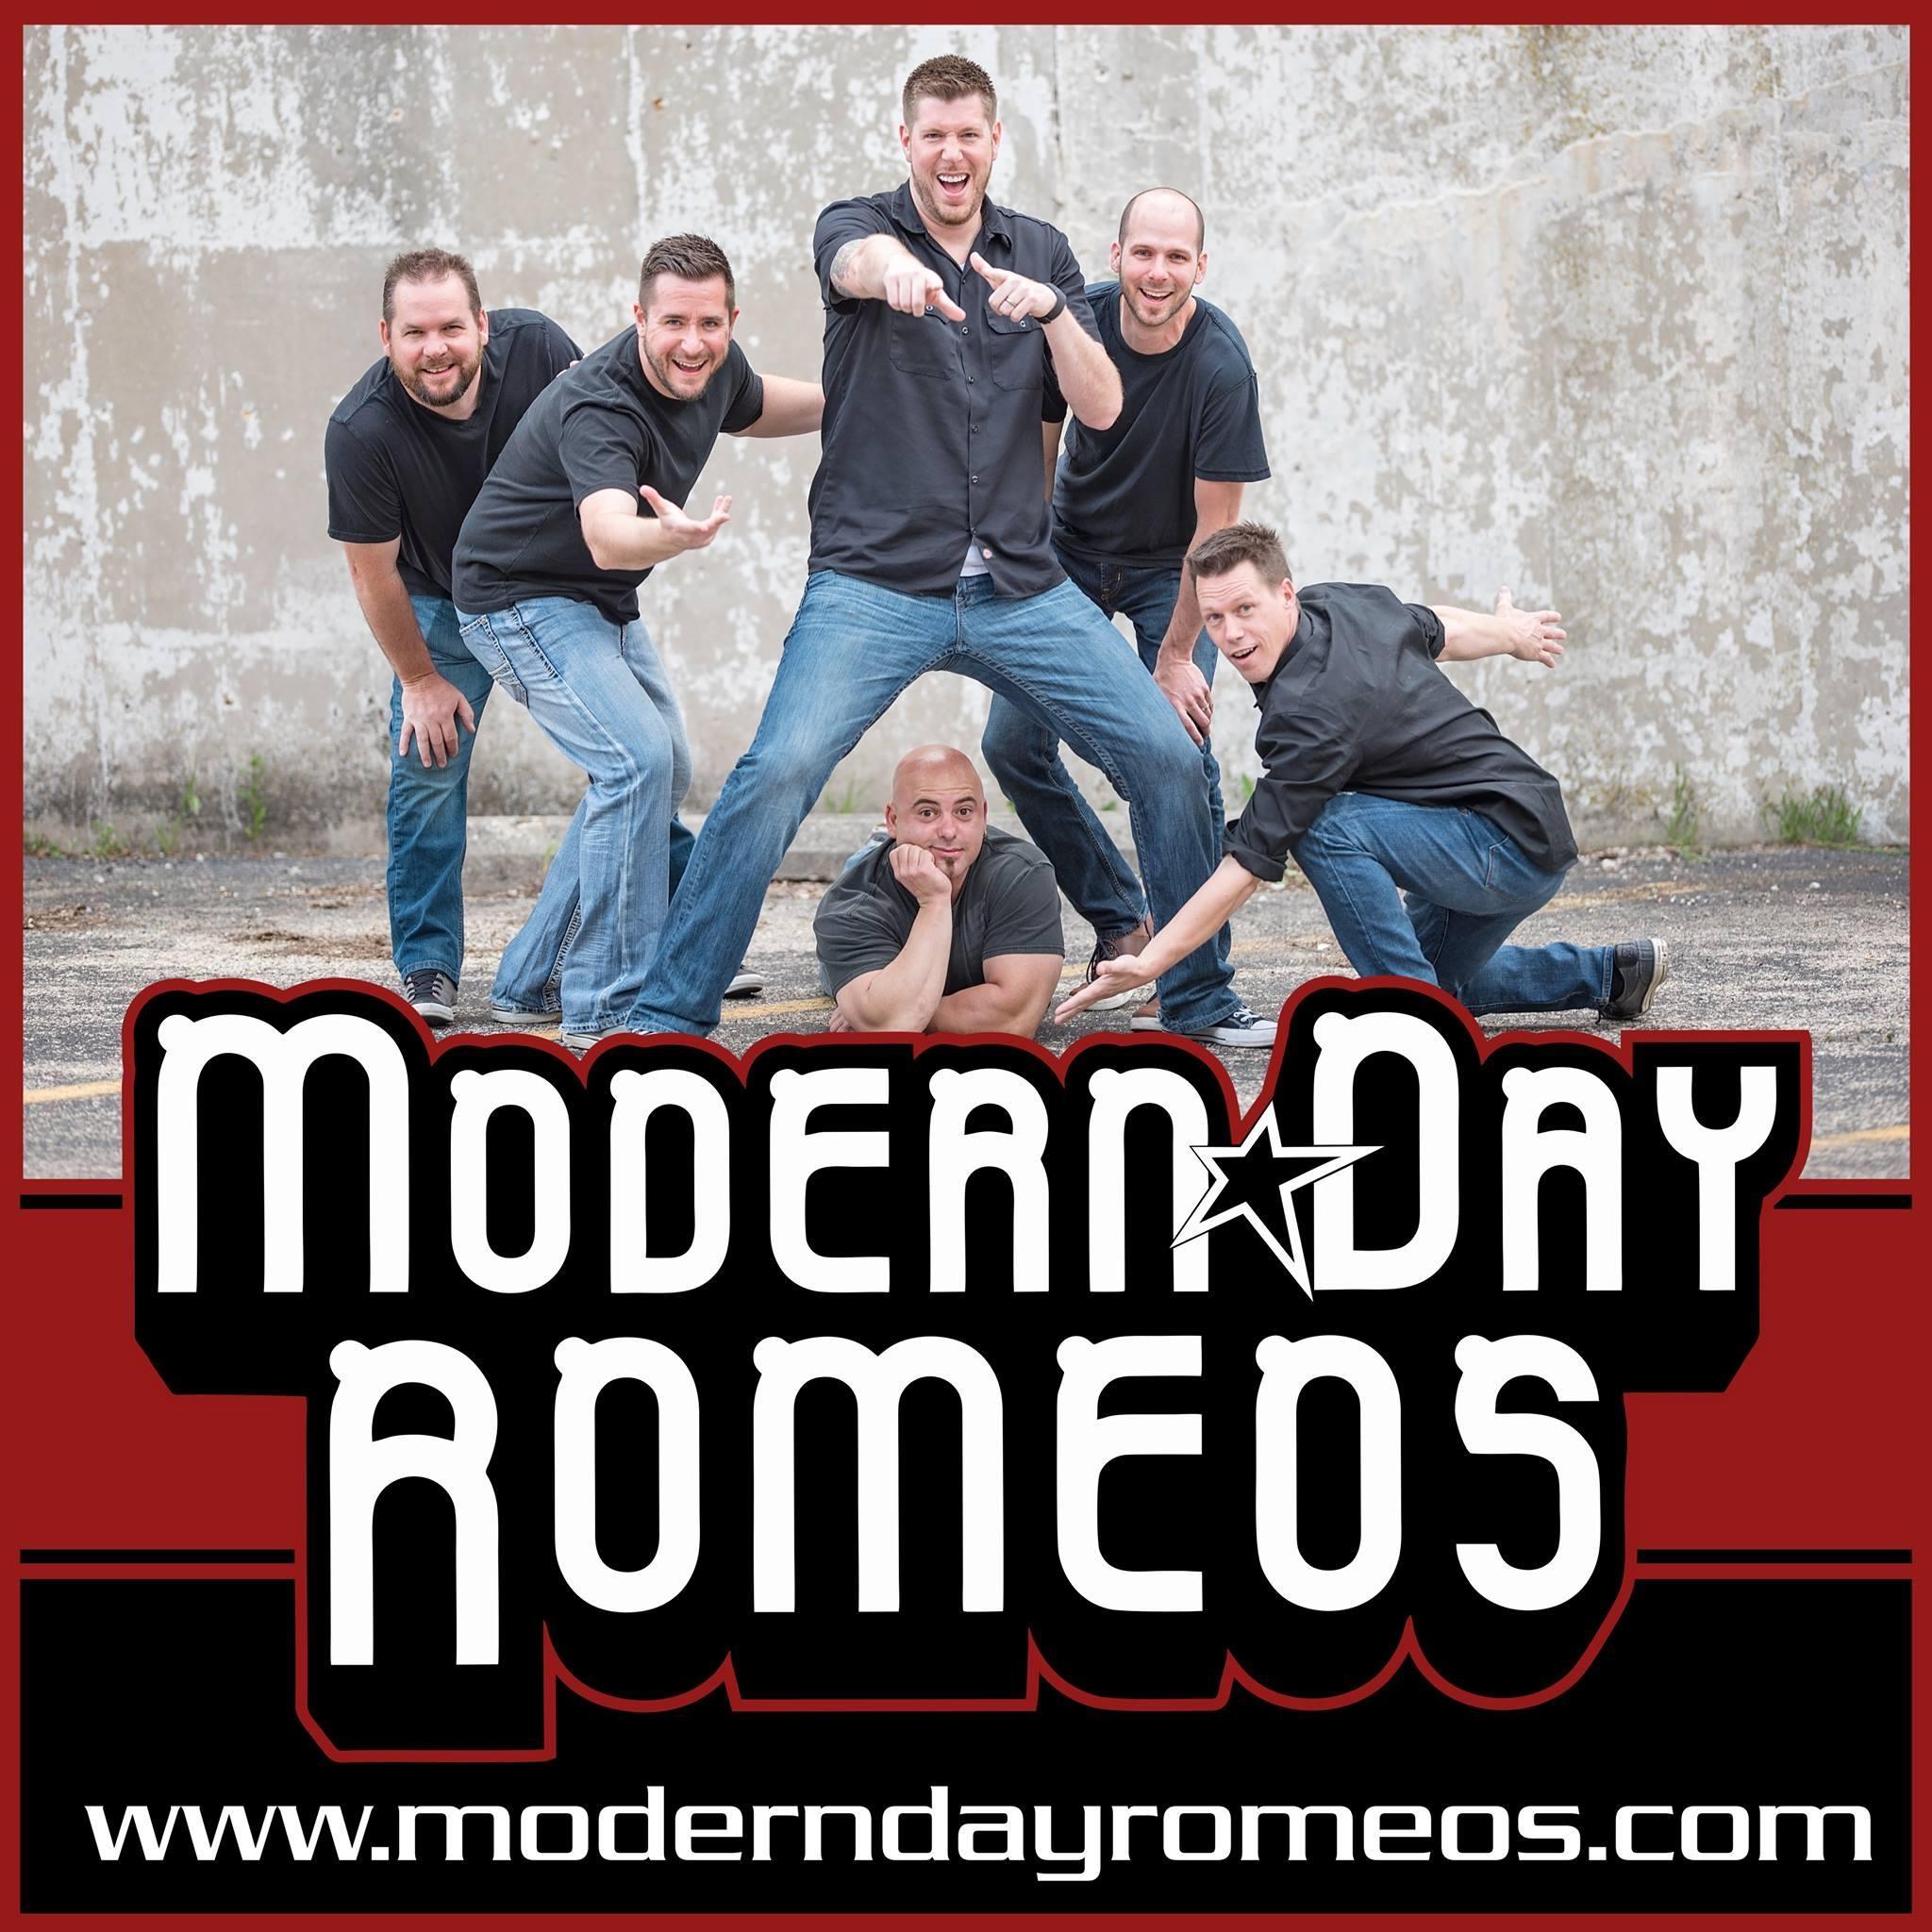 Modern Day Romeos image